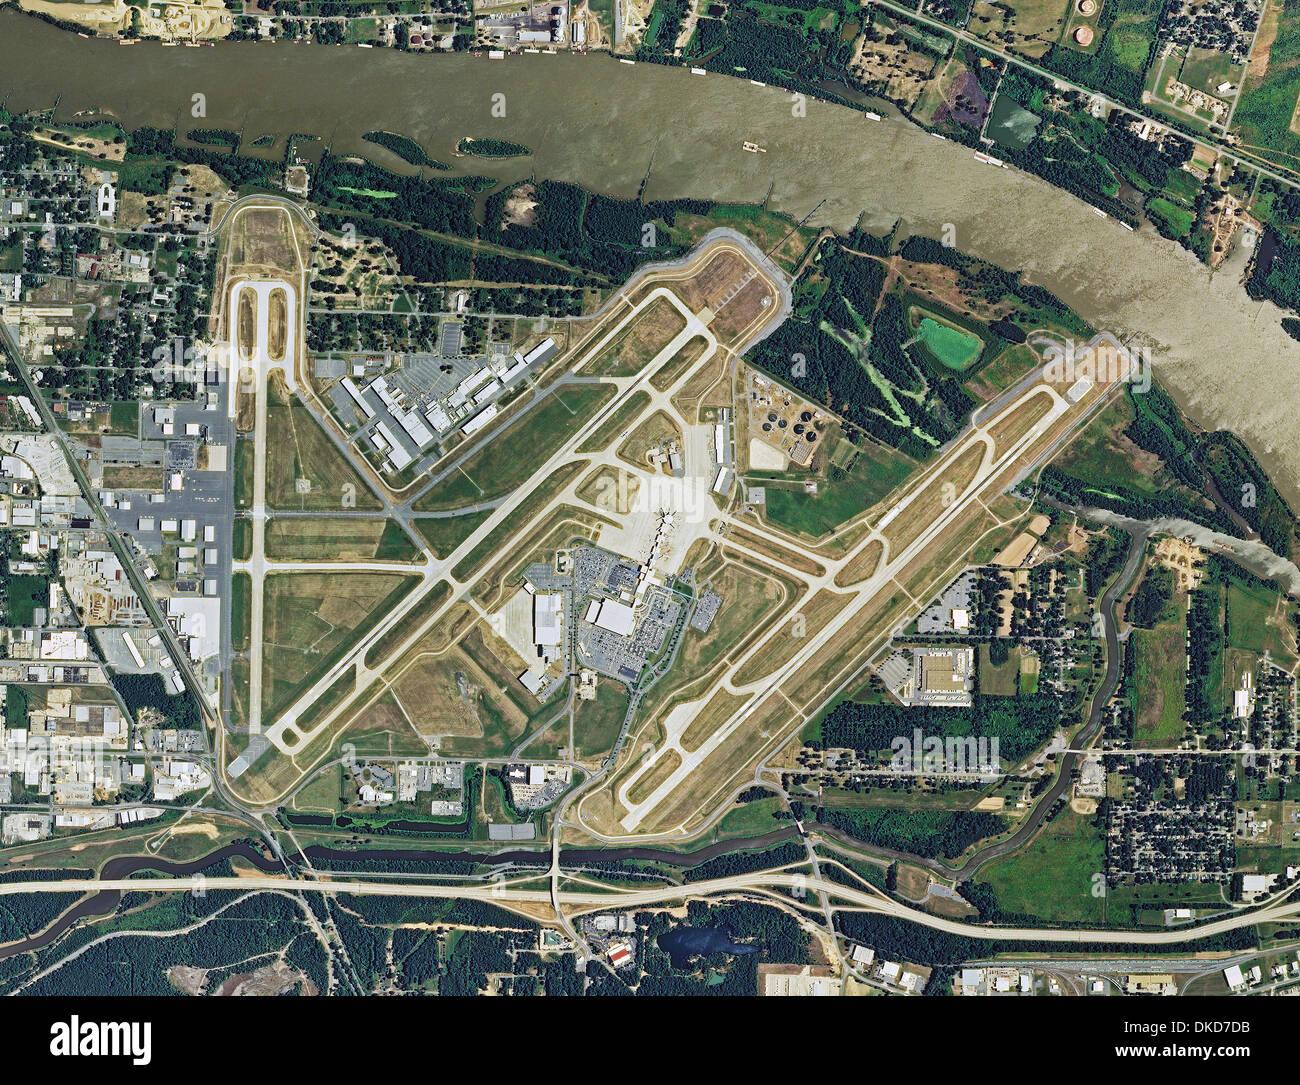 Little rock airport